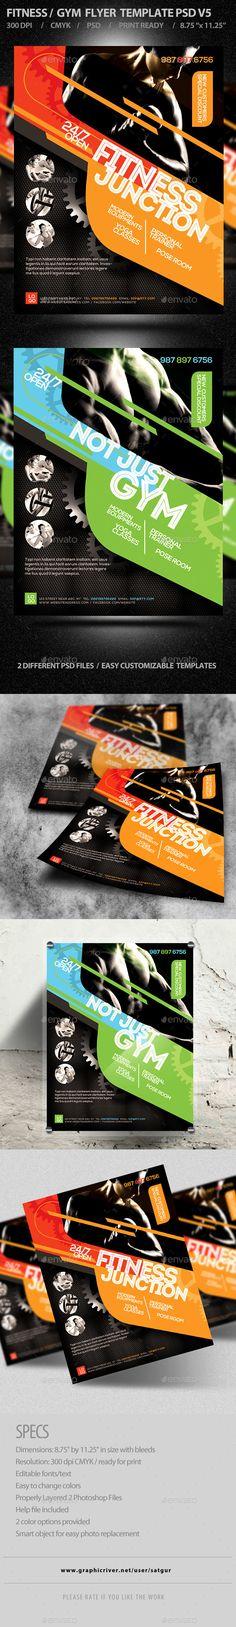 Fitness/Gym+Business+Promotion+Flyer+V2